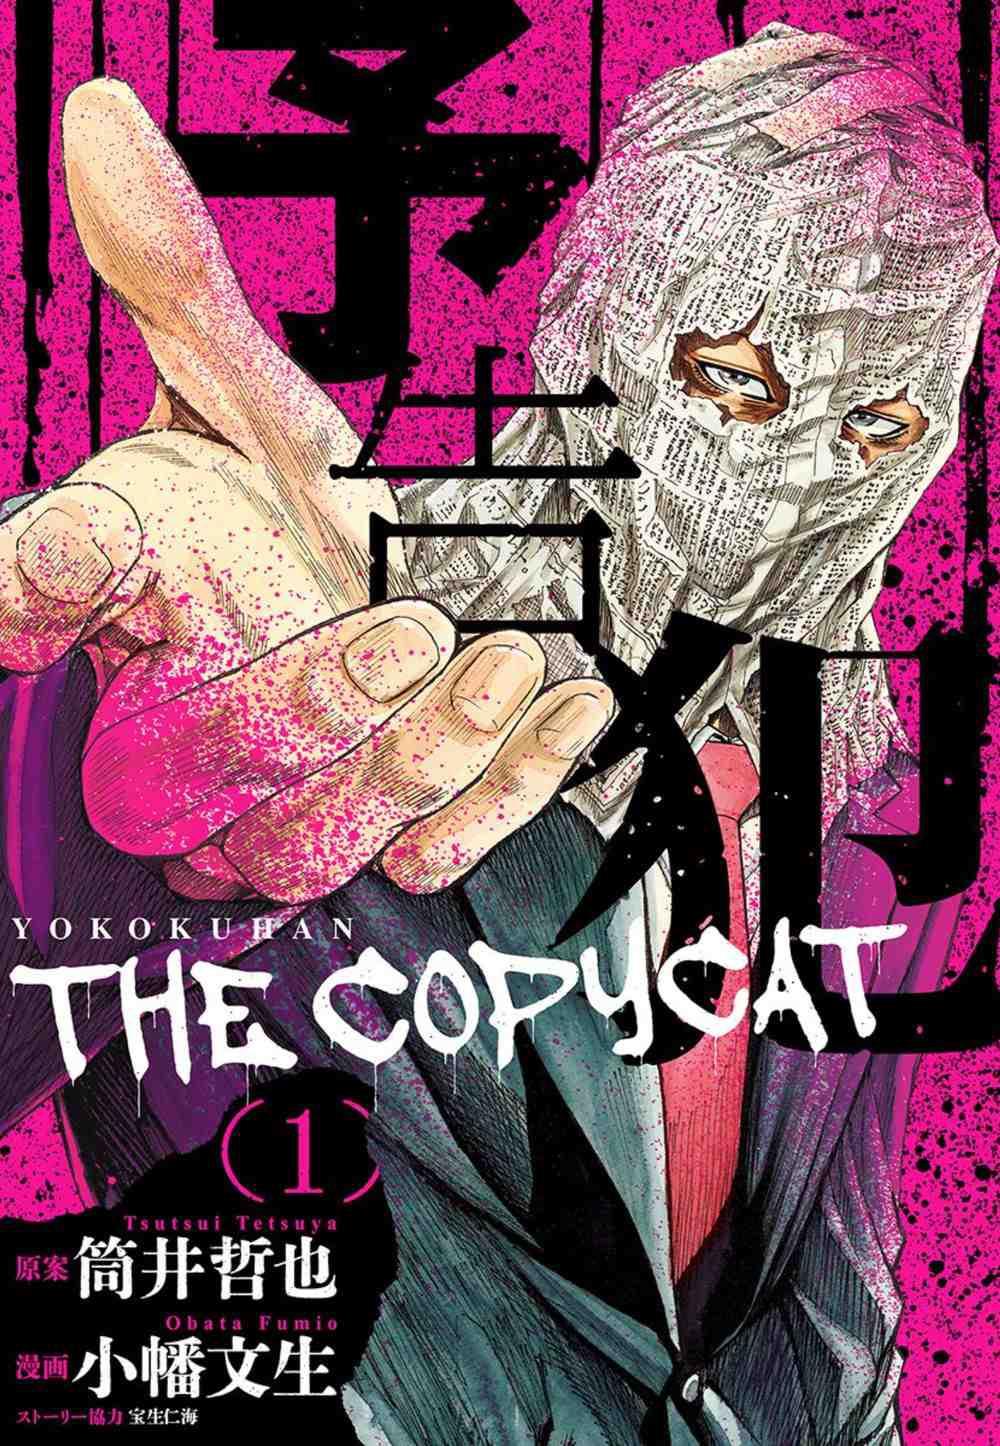 《預告犯 -THE COPYCAT-》